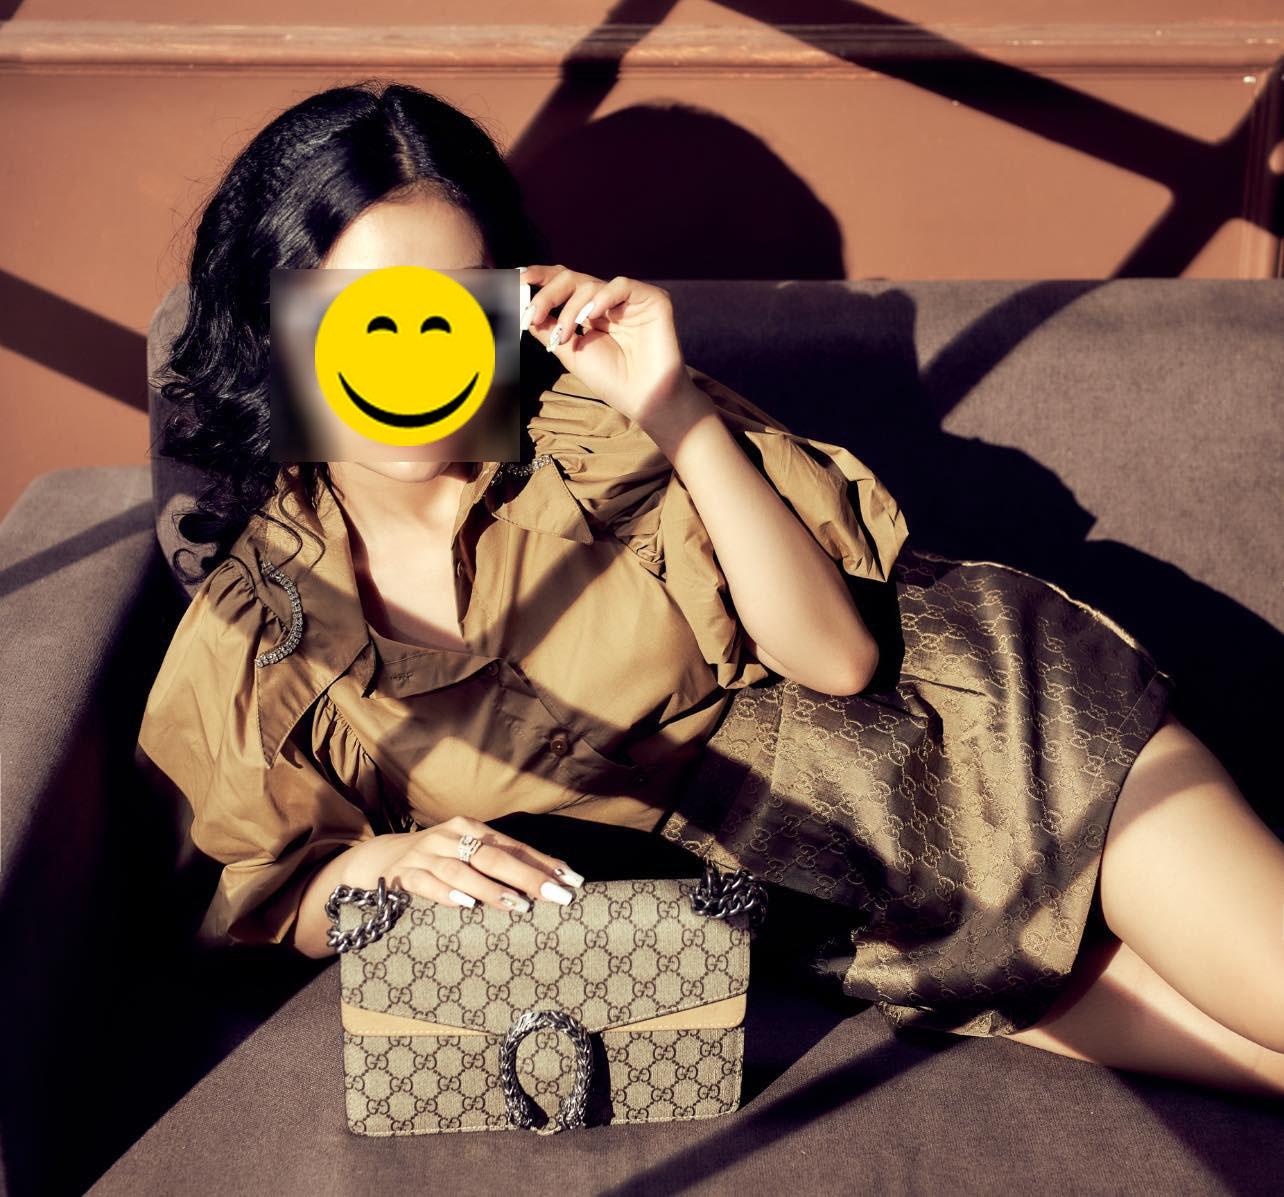 """Hội hot girl tài chính chuyên lên đồ lồng lộn, logo hàng hiệu rõ mồn một nhưng nhìn kỹ cứ hơi """"phèn"""" - Ảnh 8."""